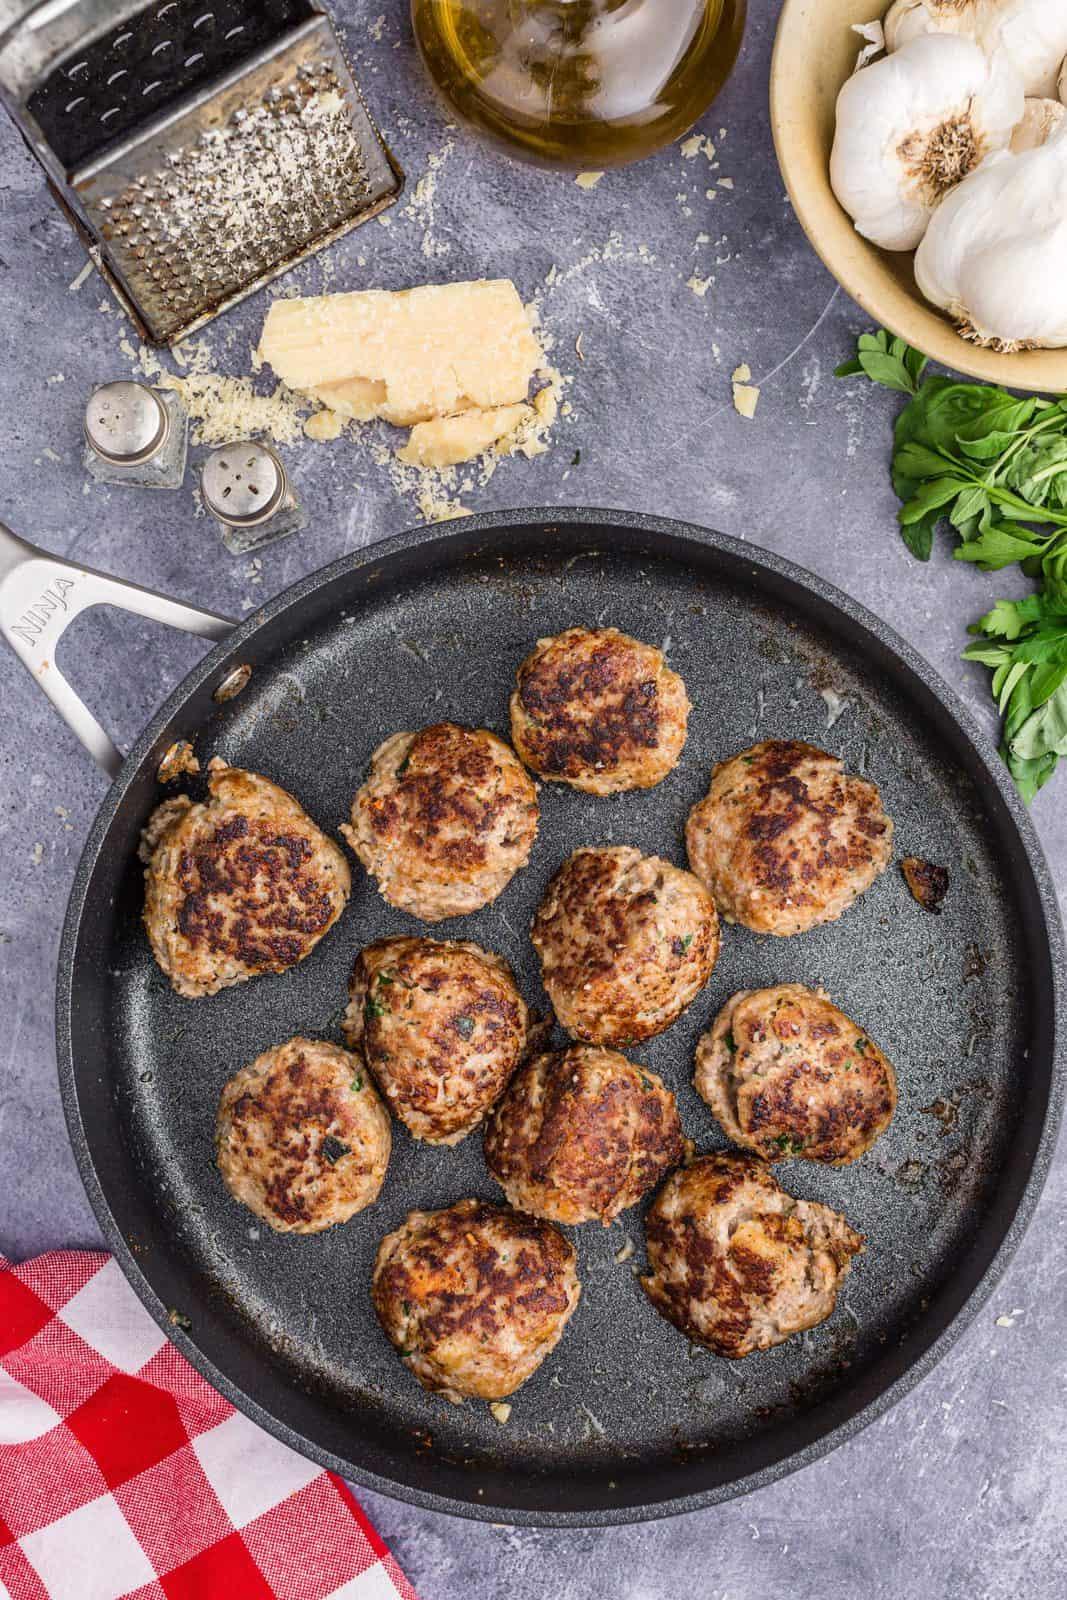 Browned meatballs in skillet.